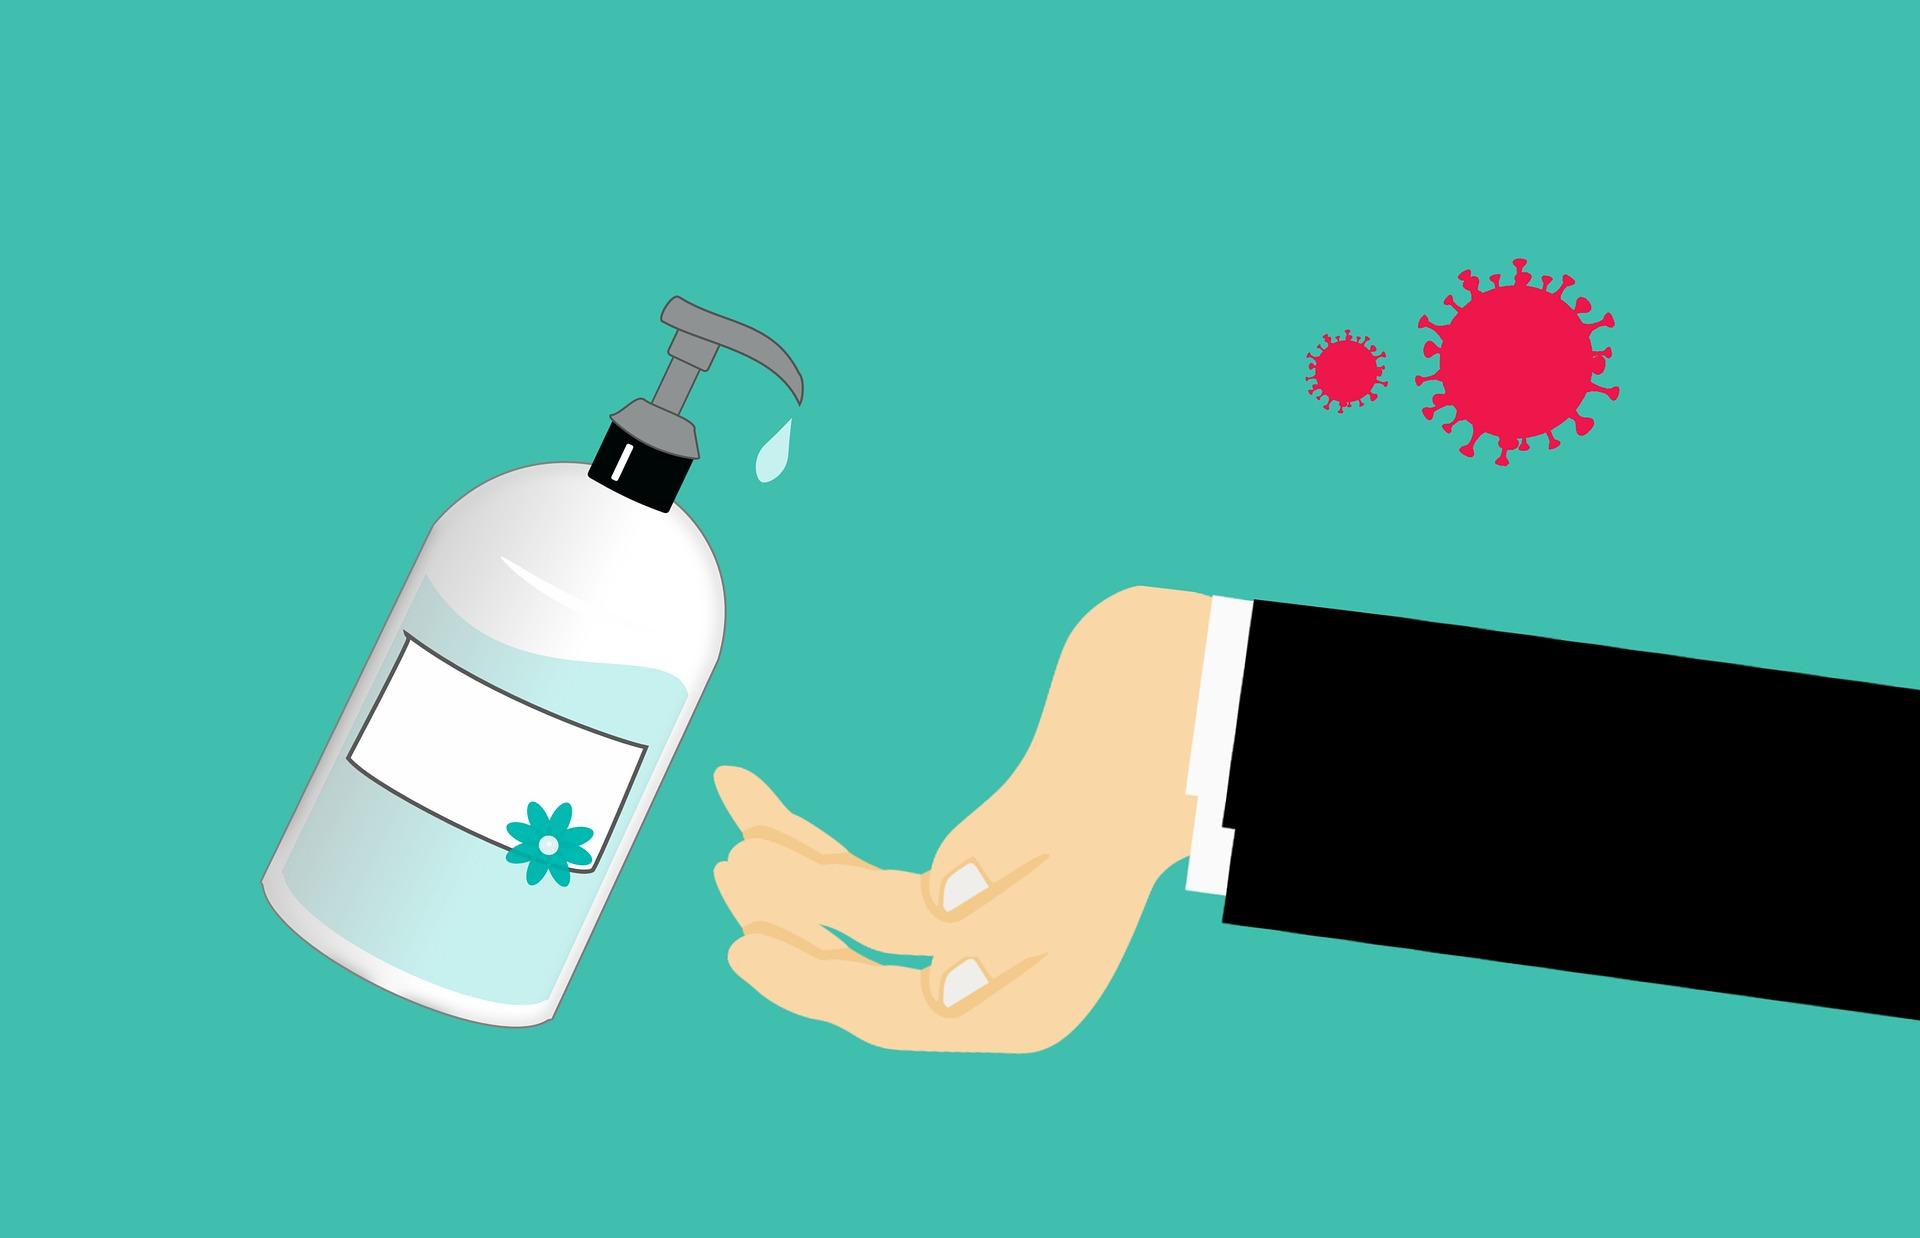 Analyse des risques - Le gel hydroalcoolique